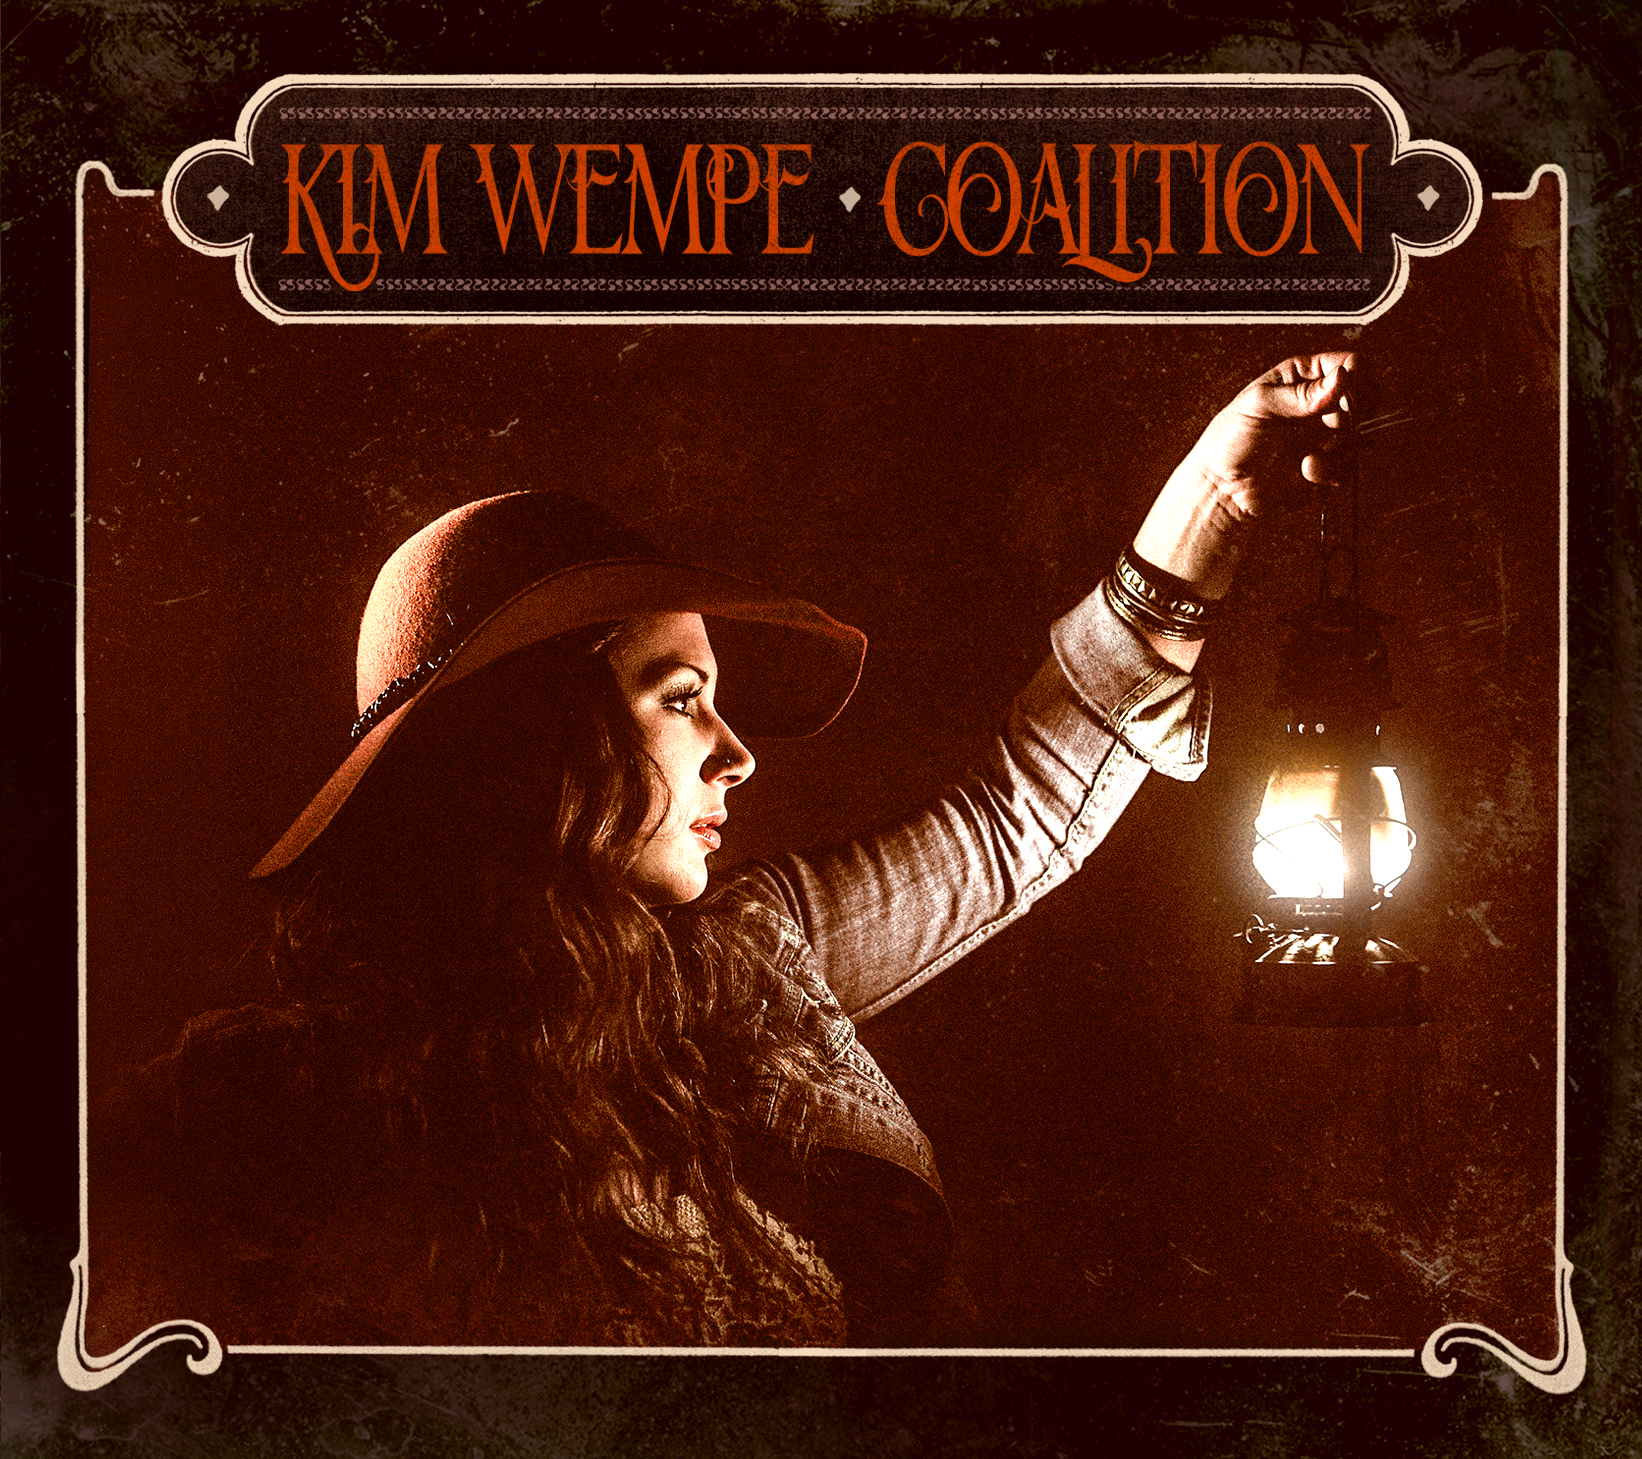 Kim Wempe